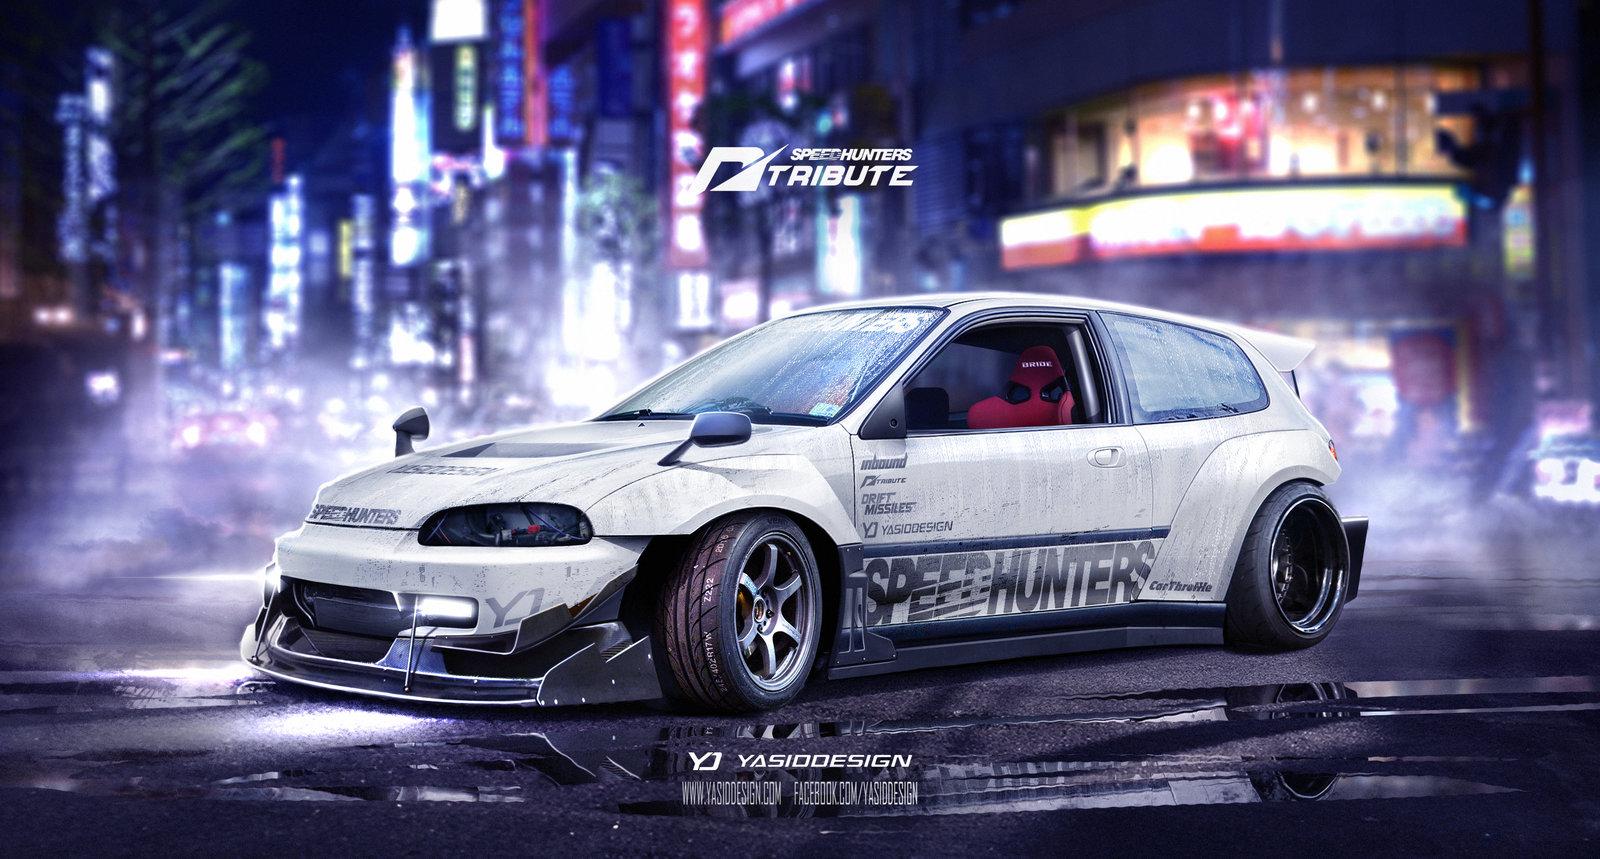 Speedhunters Honda Civic EG6 Need for speed tribute